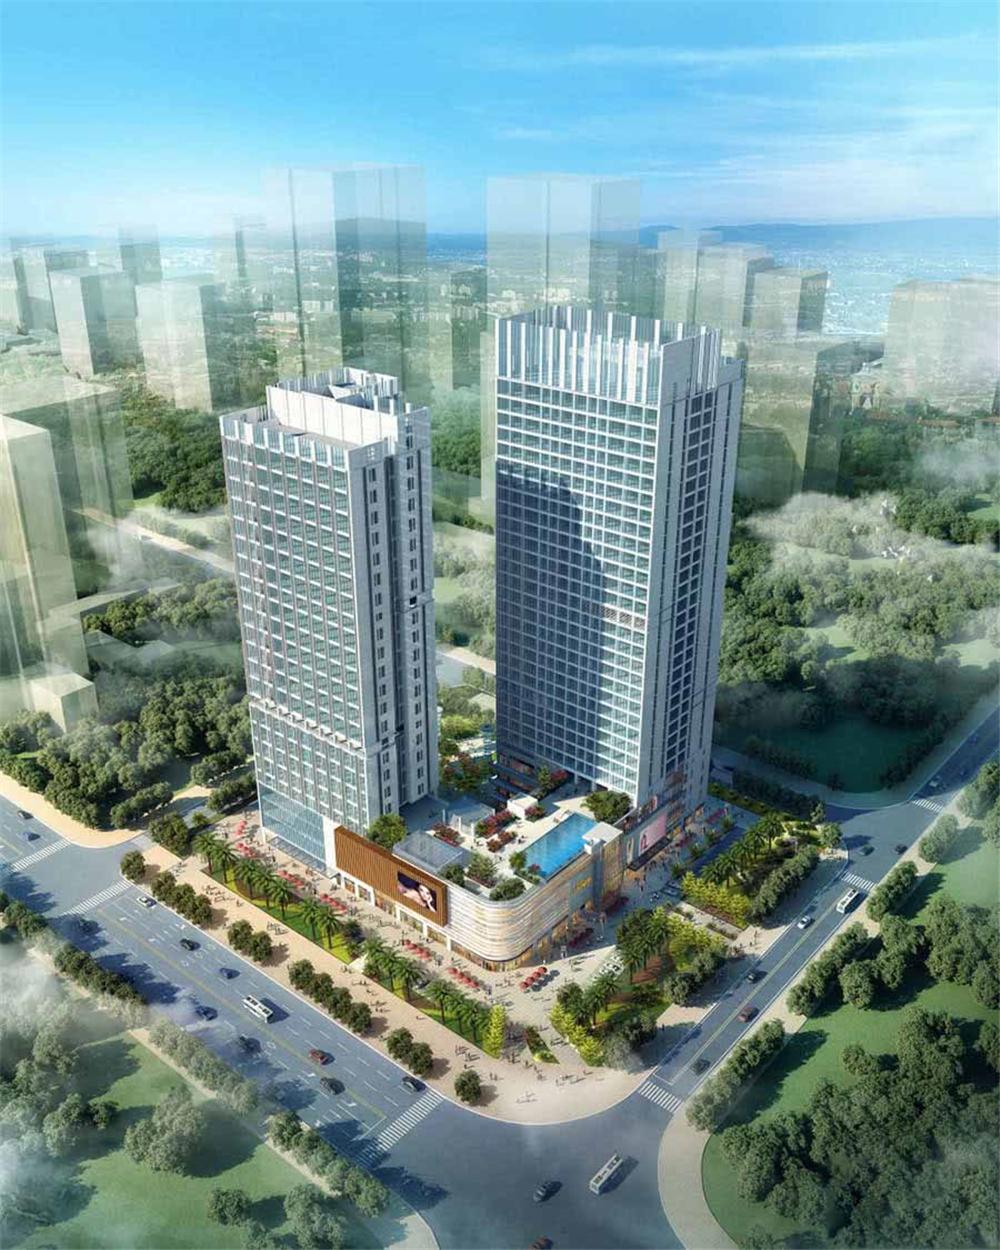 http://yuefangwangimg.oss-cn-hangzhou.aliyuncs.com/uploads/20200107/2161896684fdc81a3d2890fd7ed5d98bMax.jpg